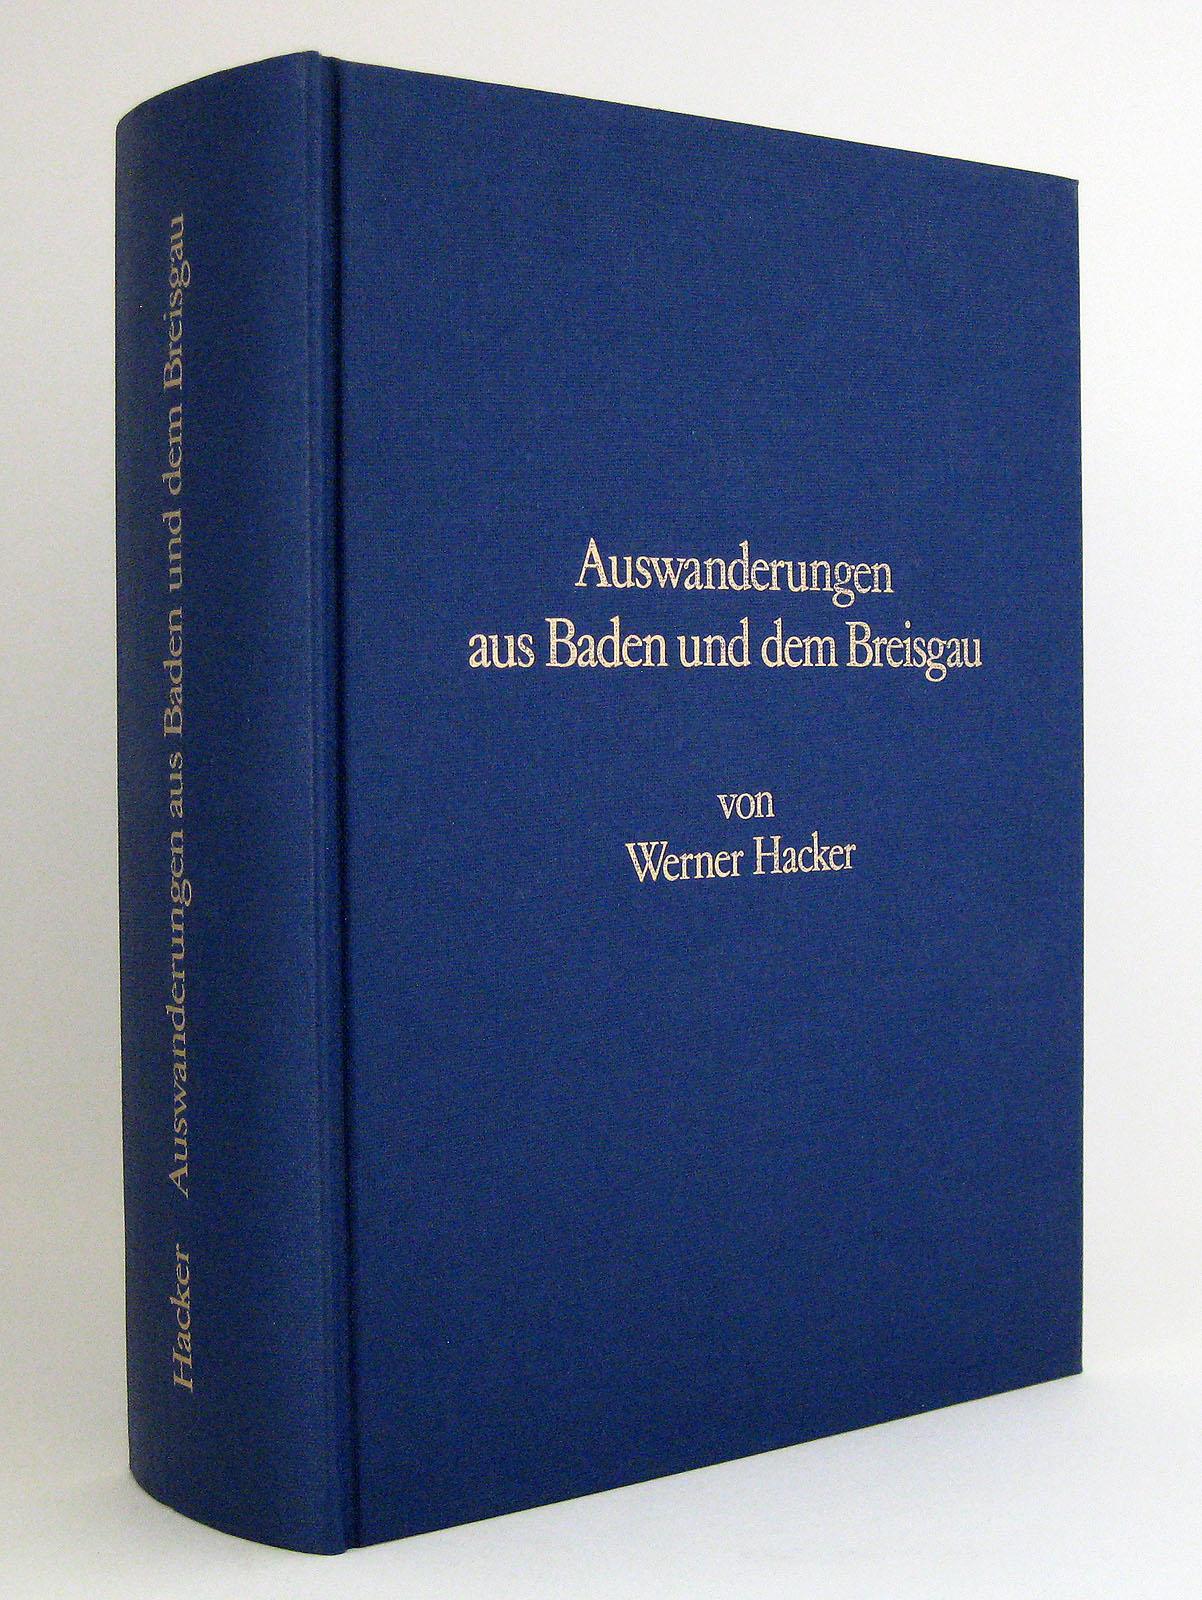 Auswanderungen aus Baden und dem Breisgau: Obere und mittlere rechtsseitige Oberrheinlande im 18. Jahrhundert archivalisch dokumentiert